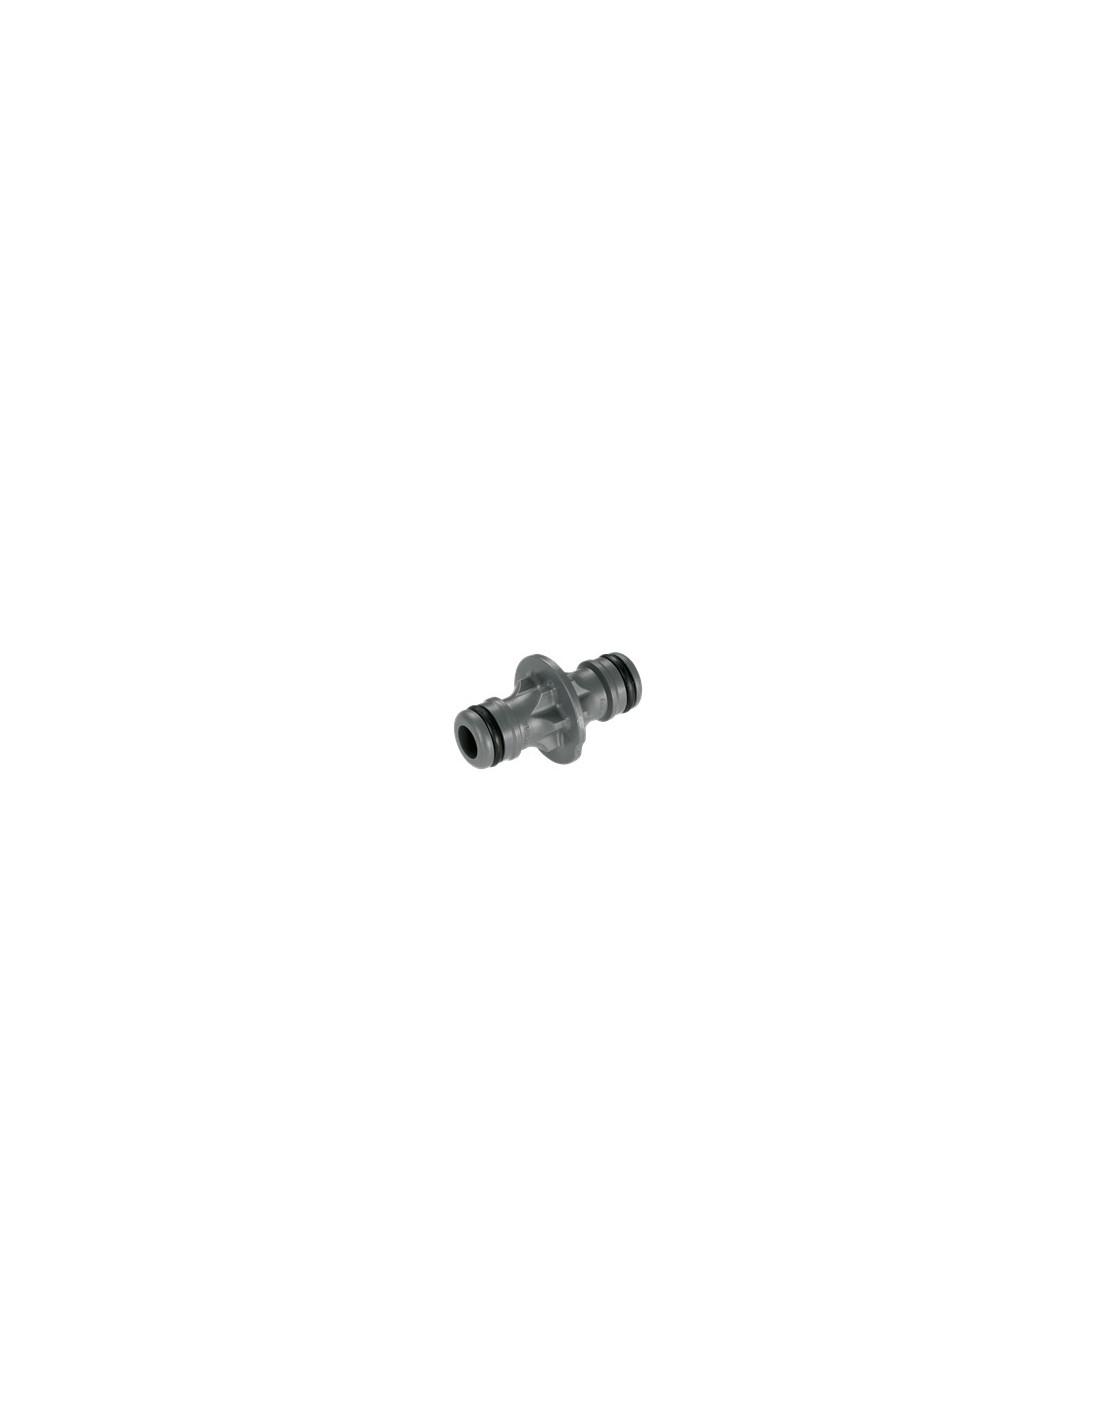 Deboucher Canalisation Avec Tuyau Arrosage gardena connecteur pour 2 tuyaux vrac